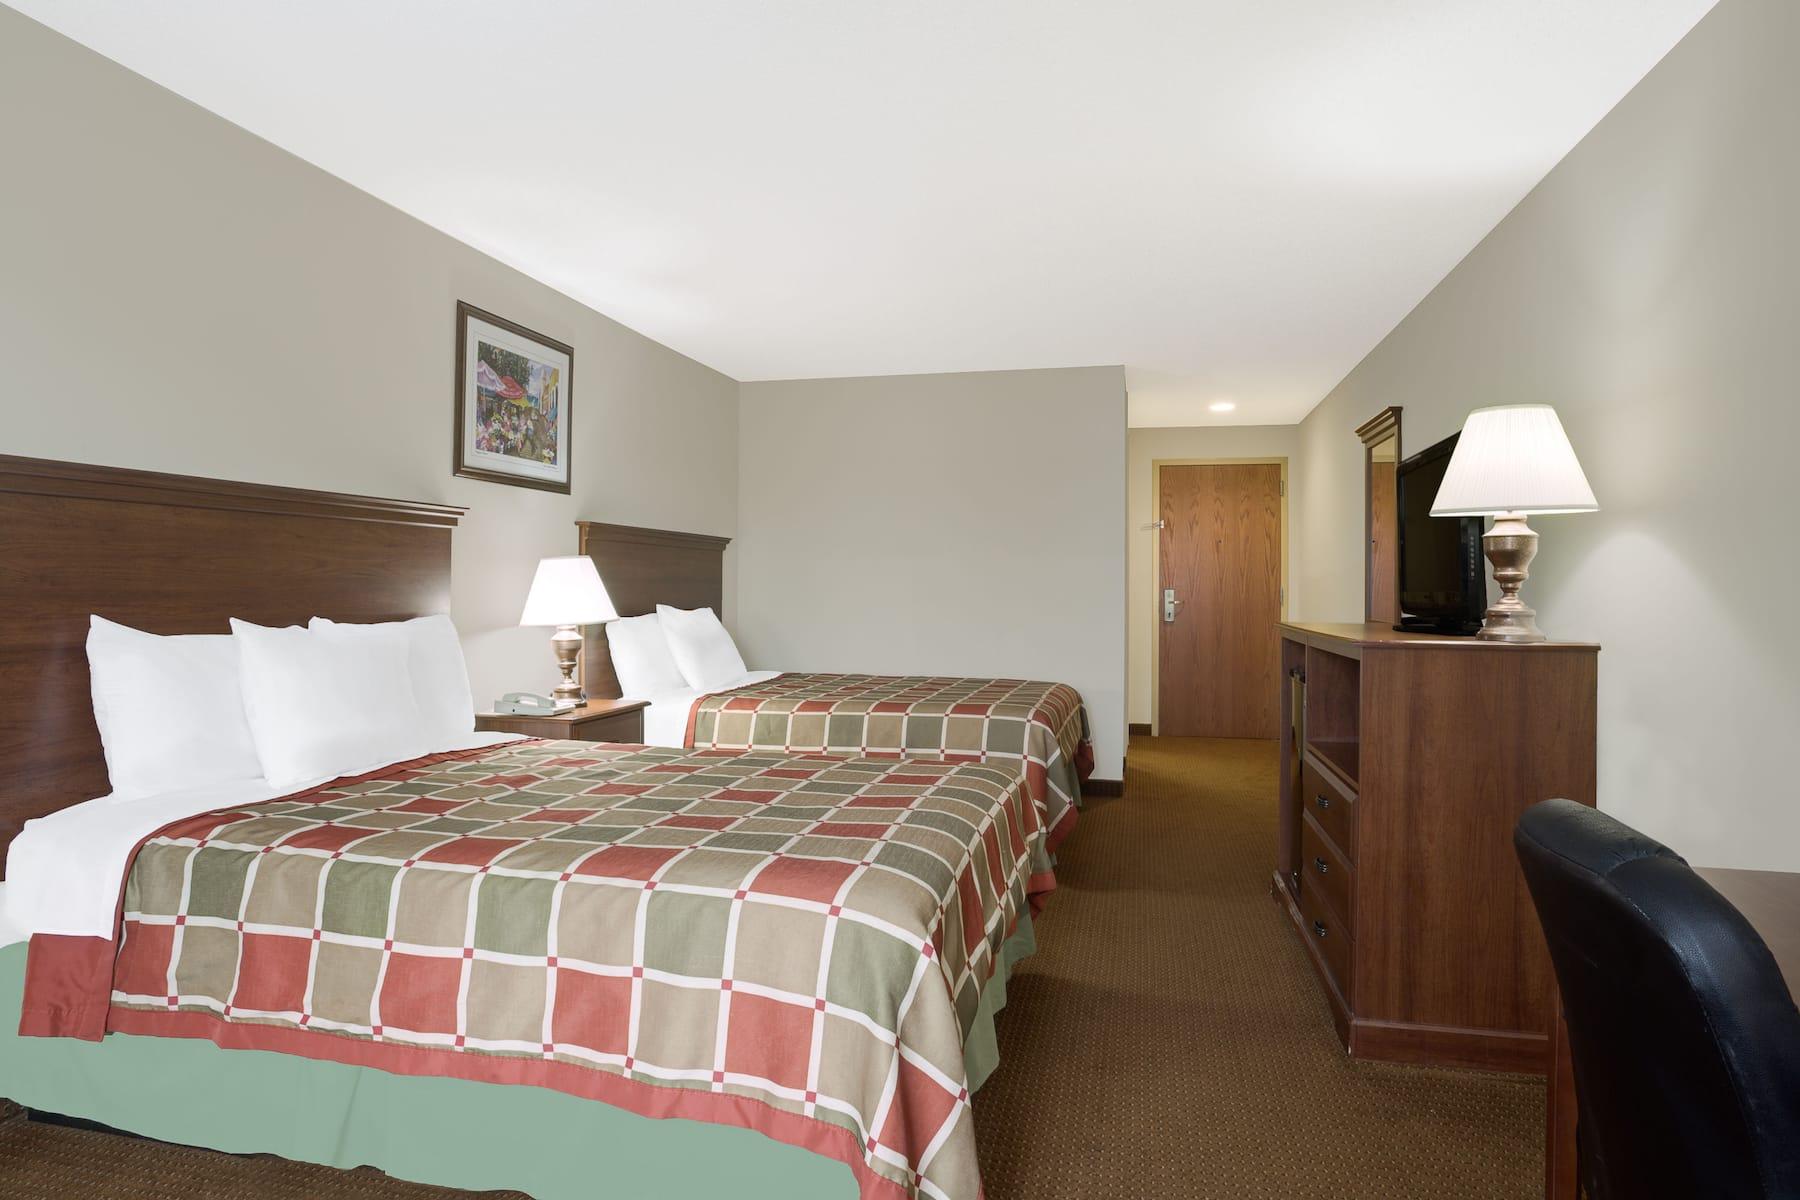 Days Inn By Wyndham Greensboro Nc Greensboro Nc Hotels